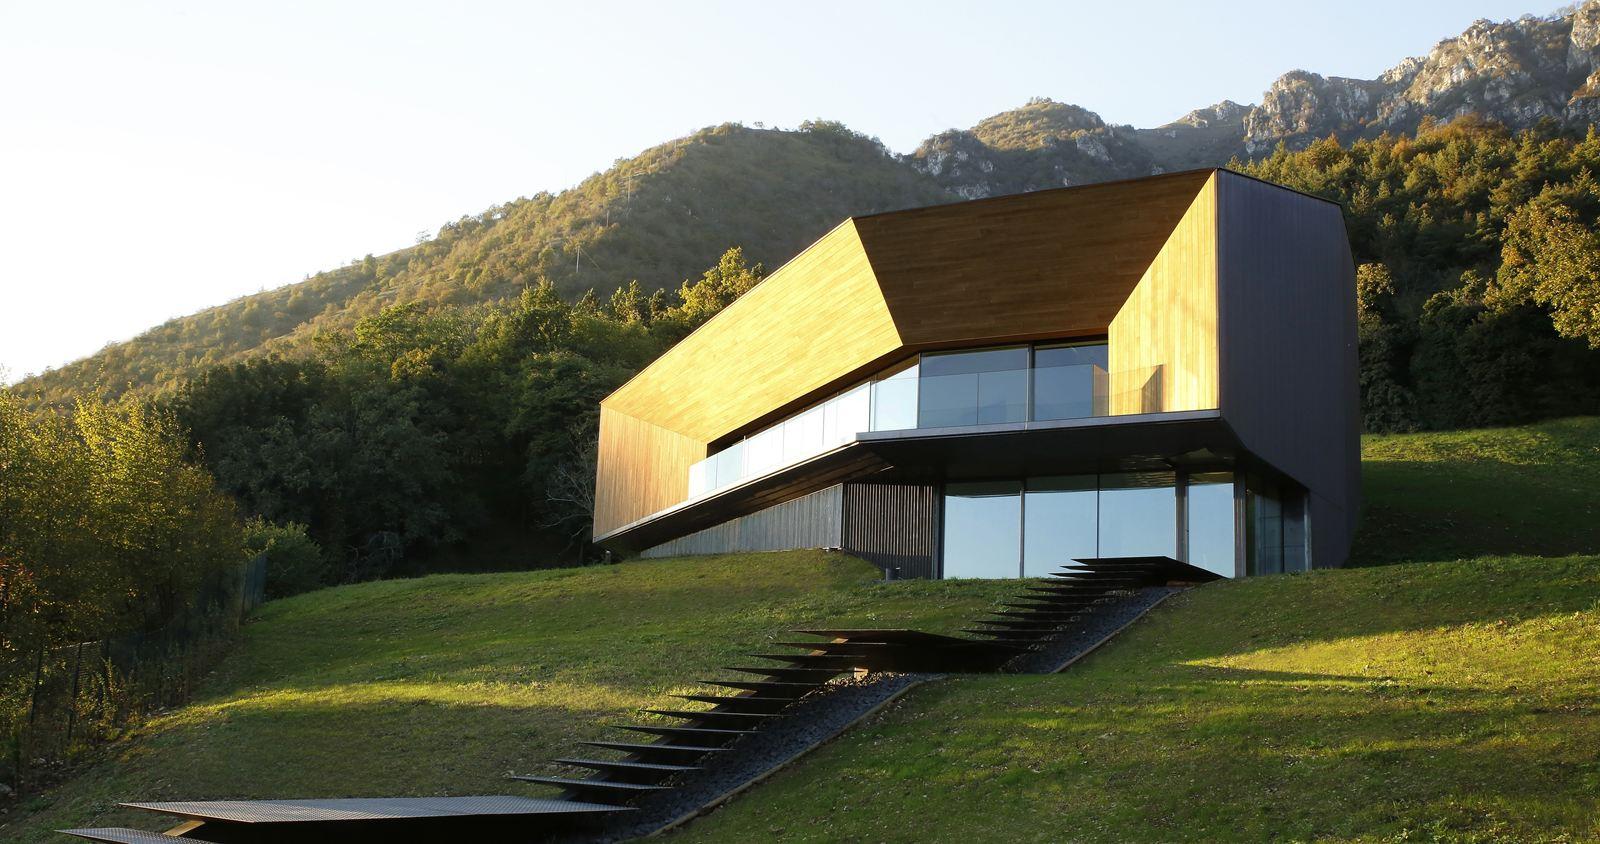 Alps Villa In Brescia By Cba Camillo Botticini Architect